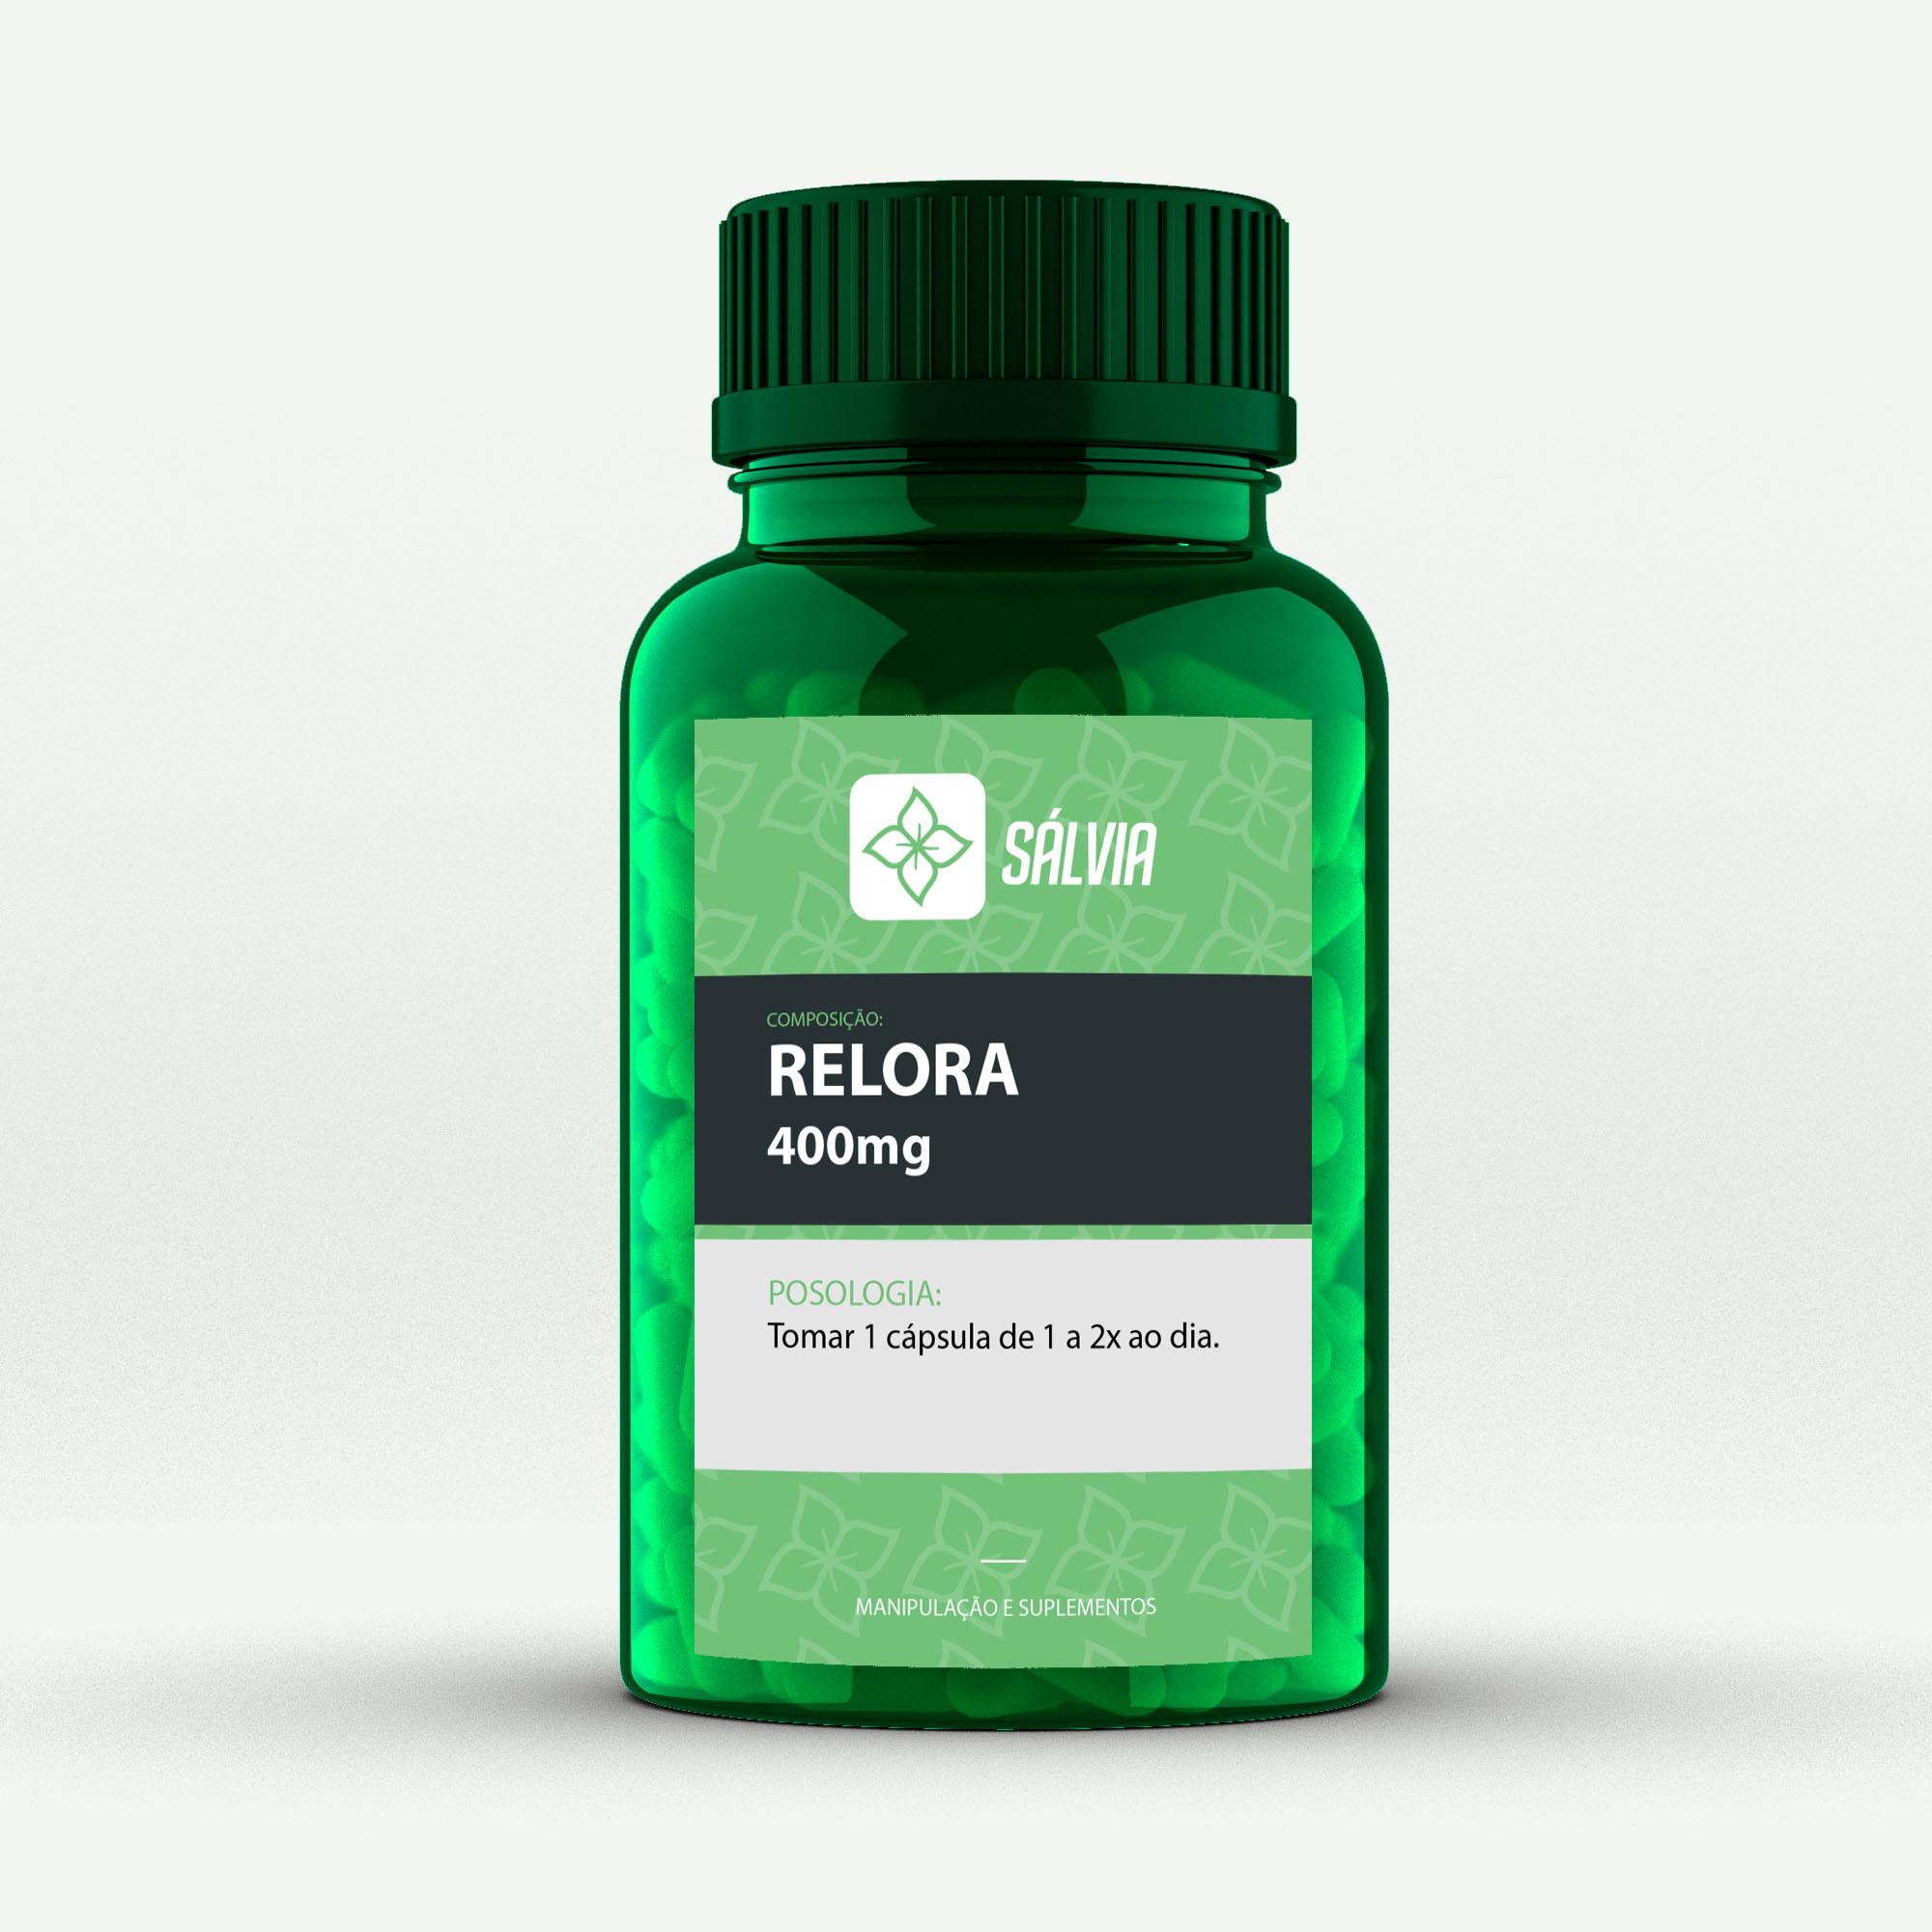 RELORA 400mg - Cápsulas